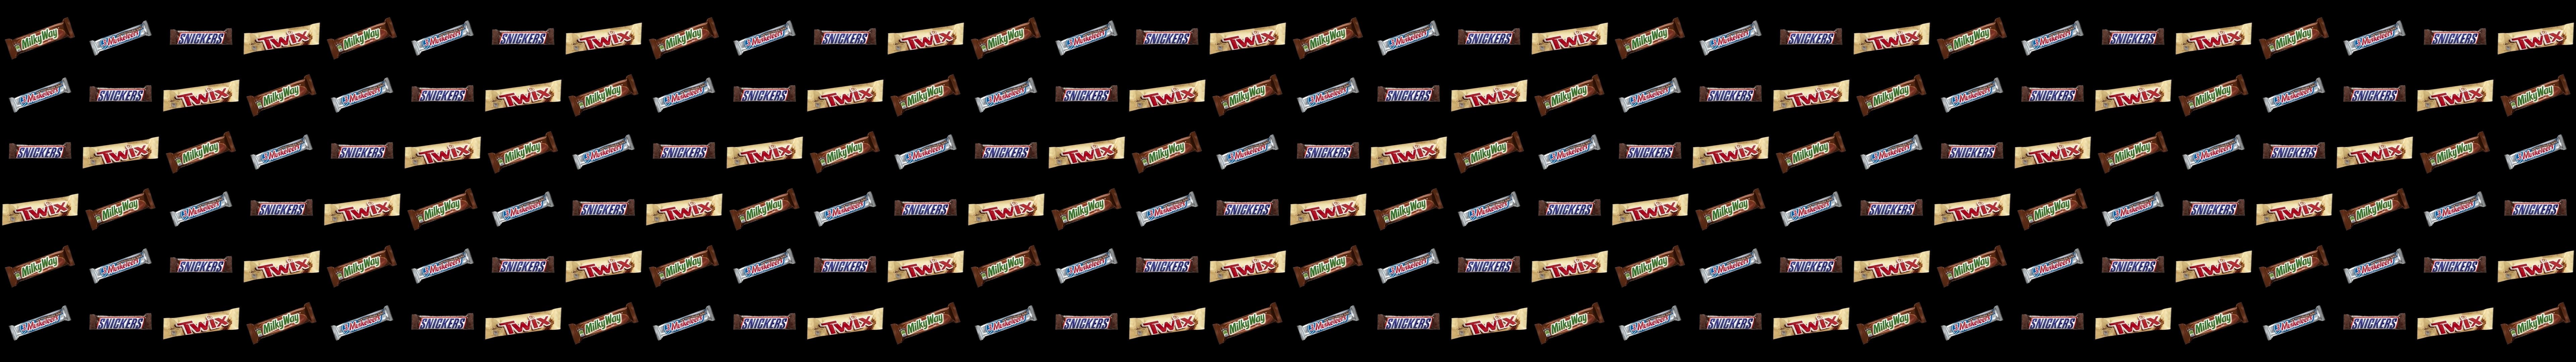 Mars Candies.jpg